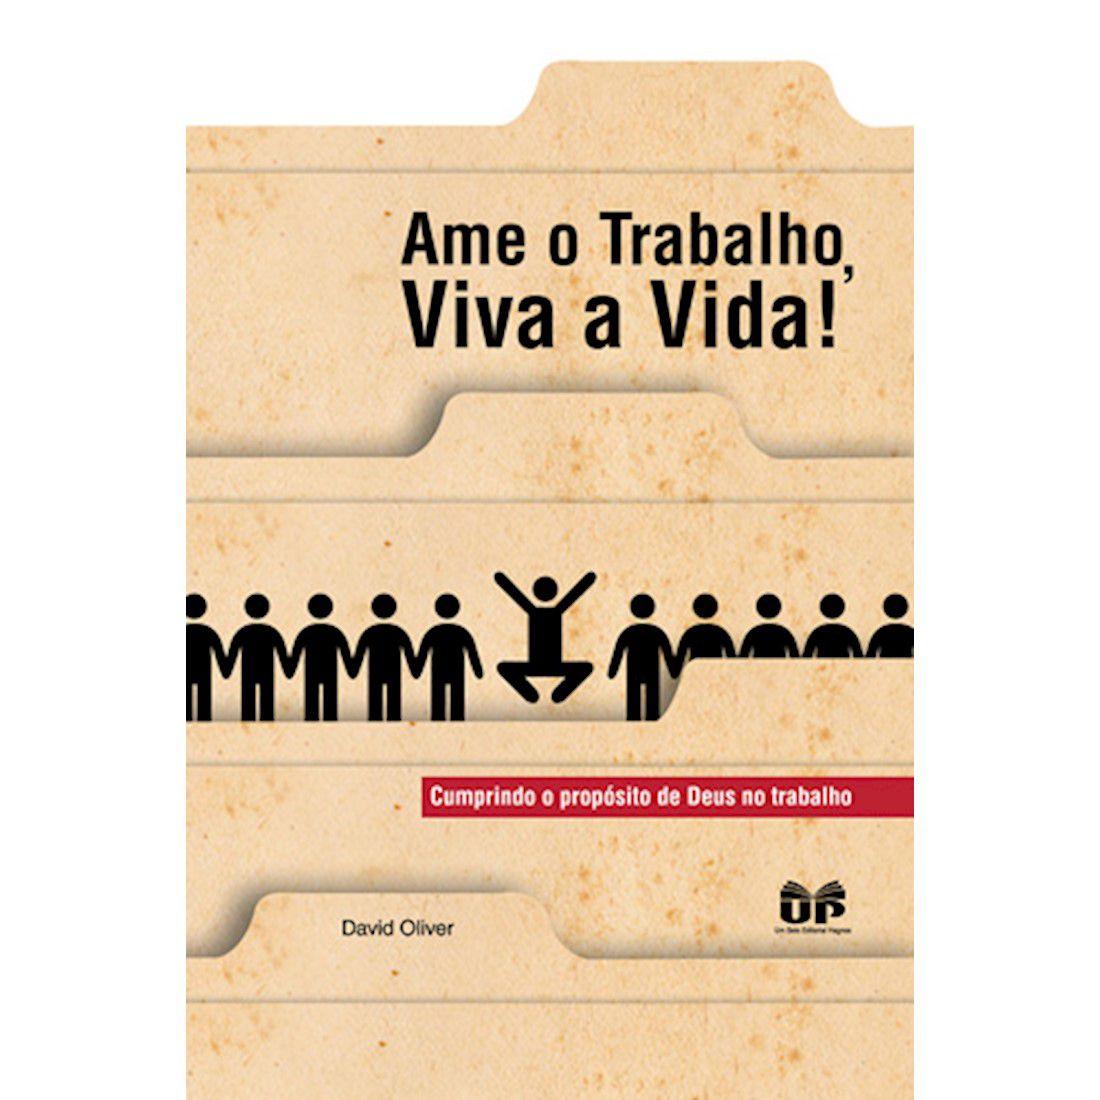 Livro Ame o Trabalho, Viva a Vida!